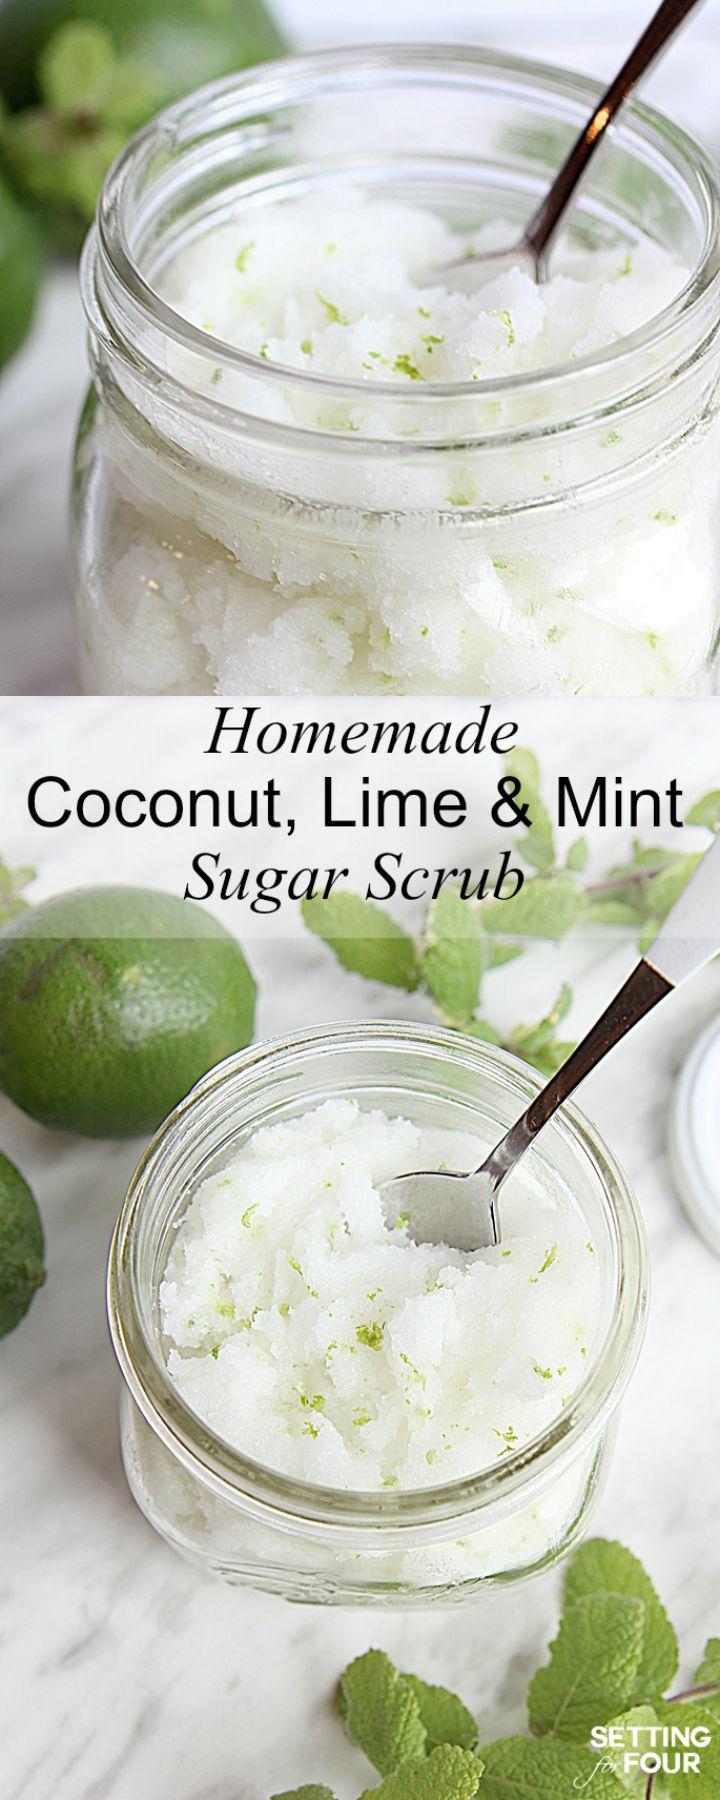 Diy lime mint sugar scrub for skin gift idea sugar